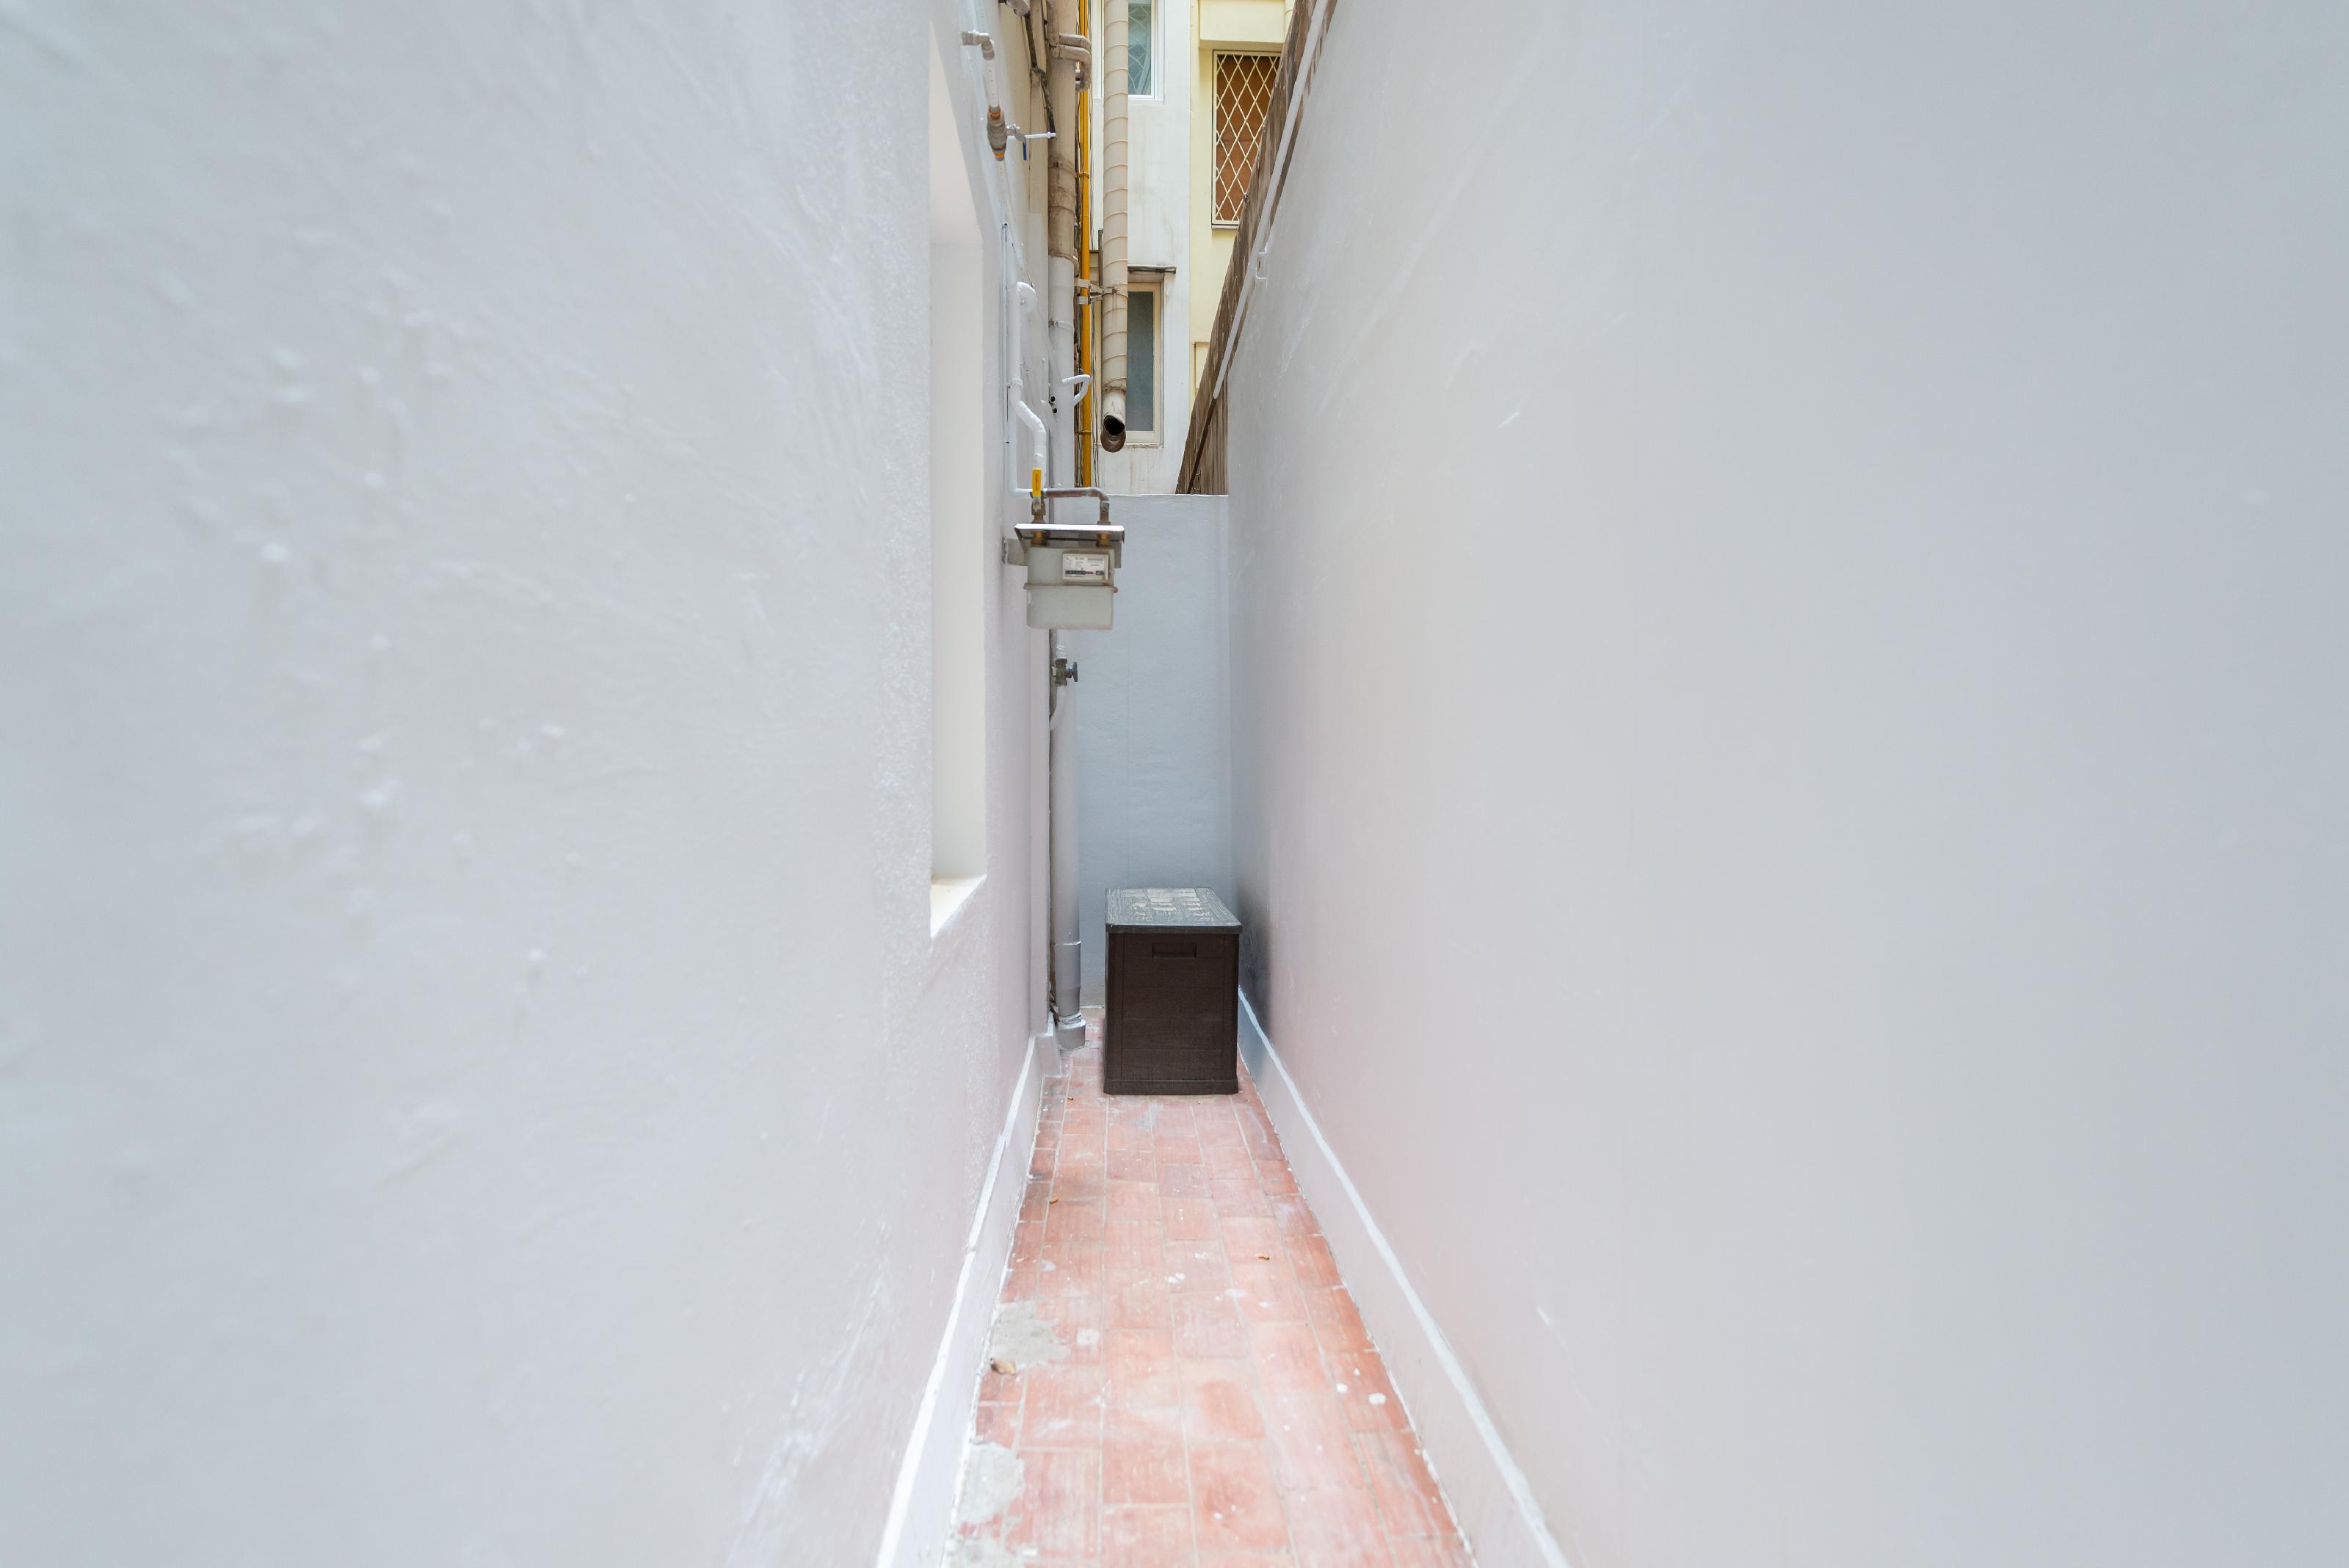 247076 Piso en venda en Sarrià-Sant Gervasi, El Putxet i Farró 18